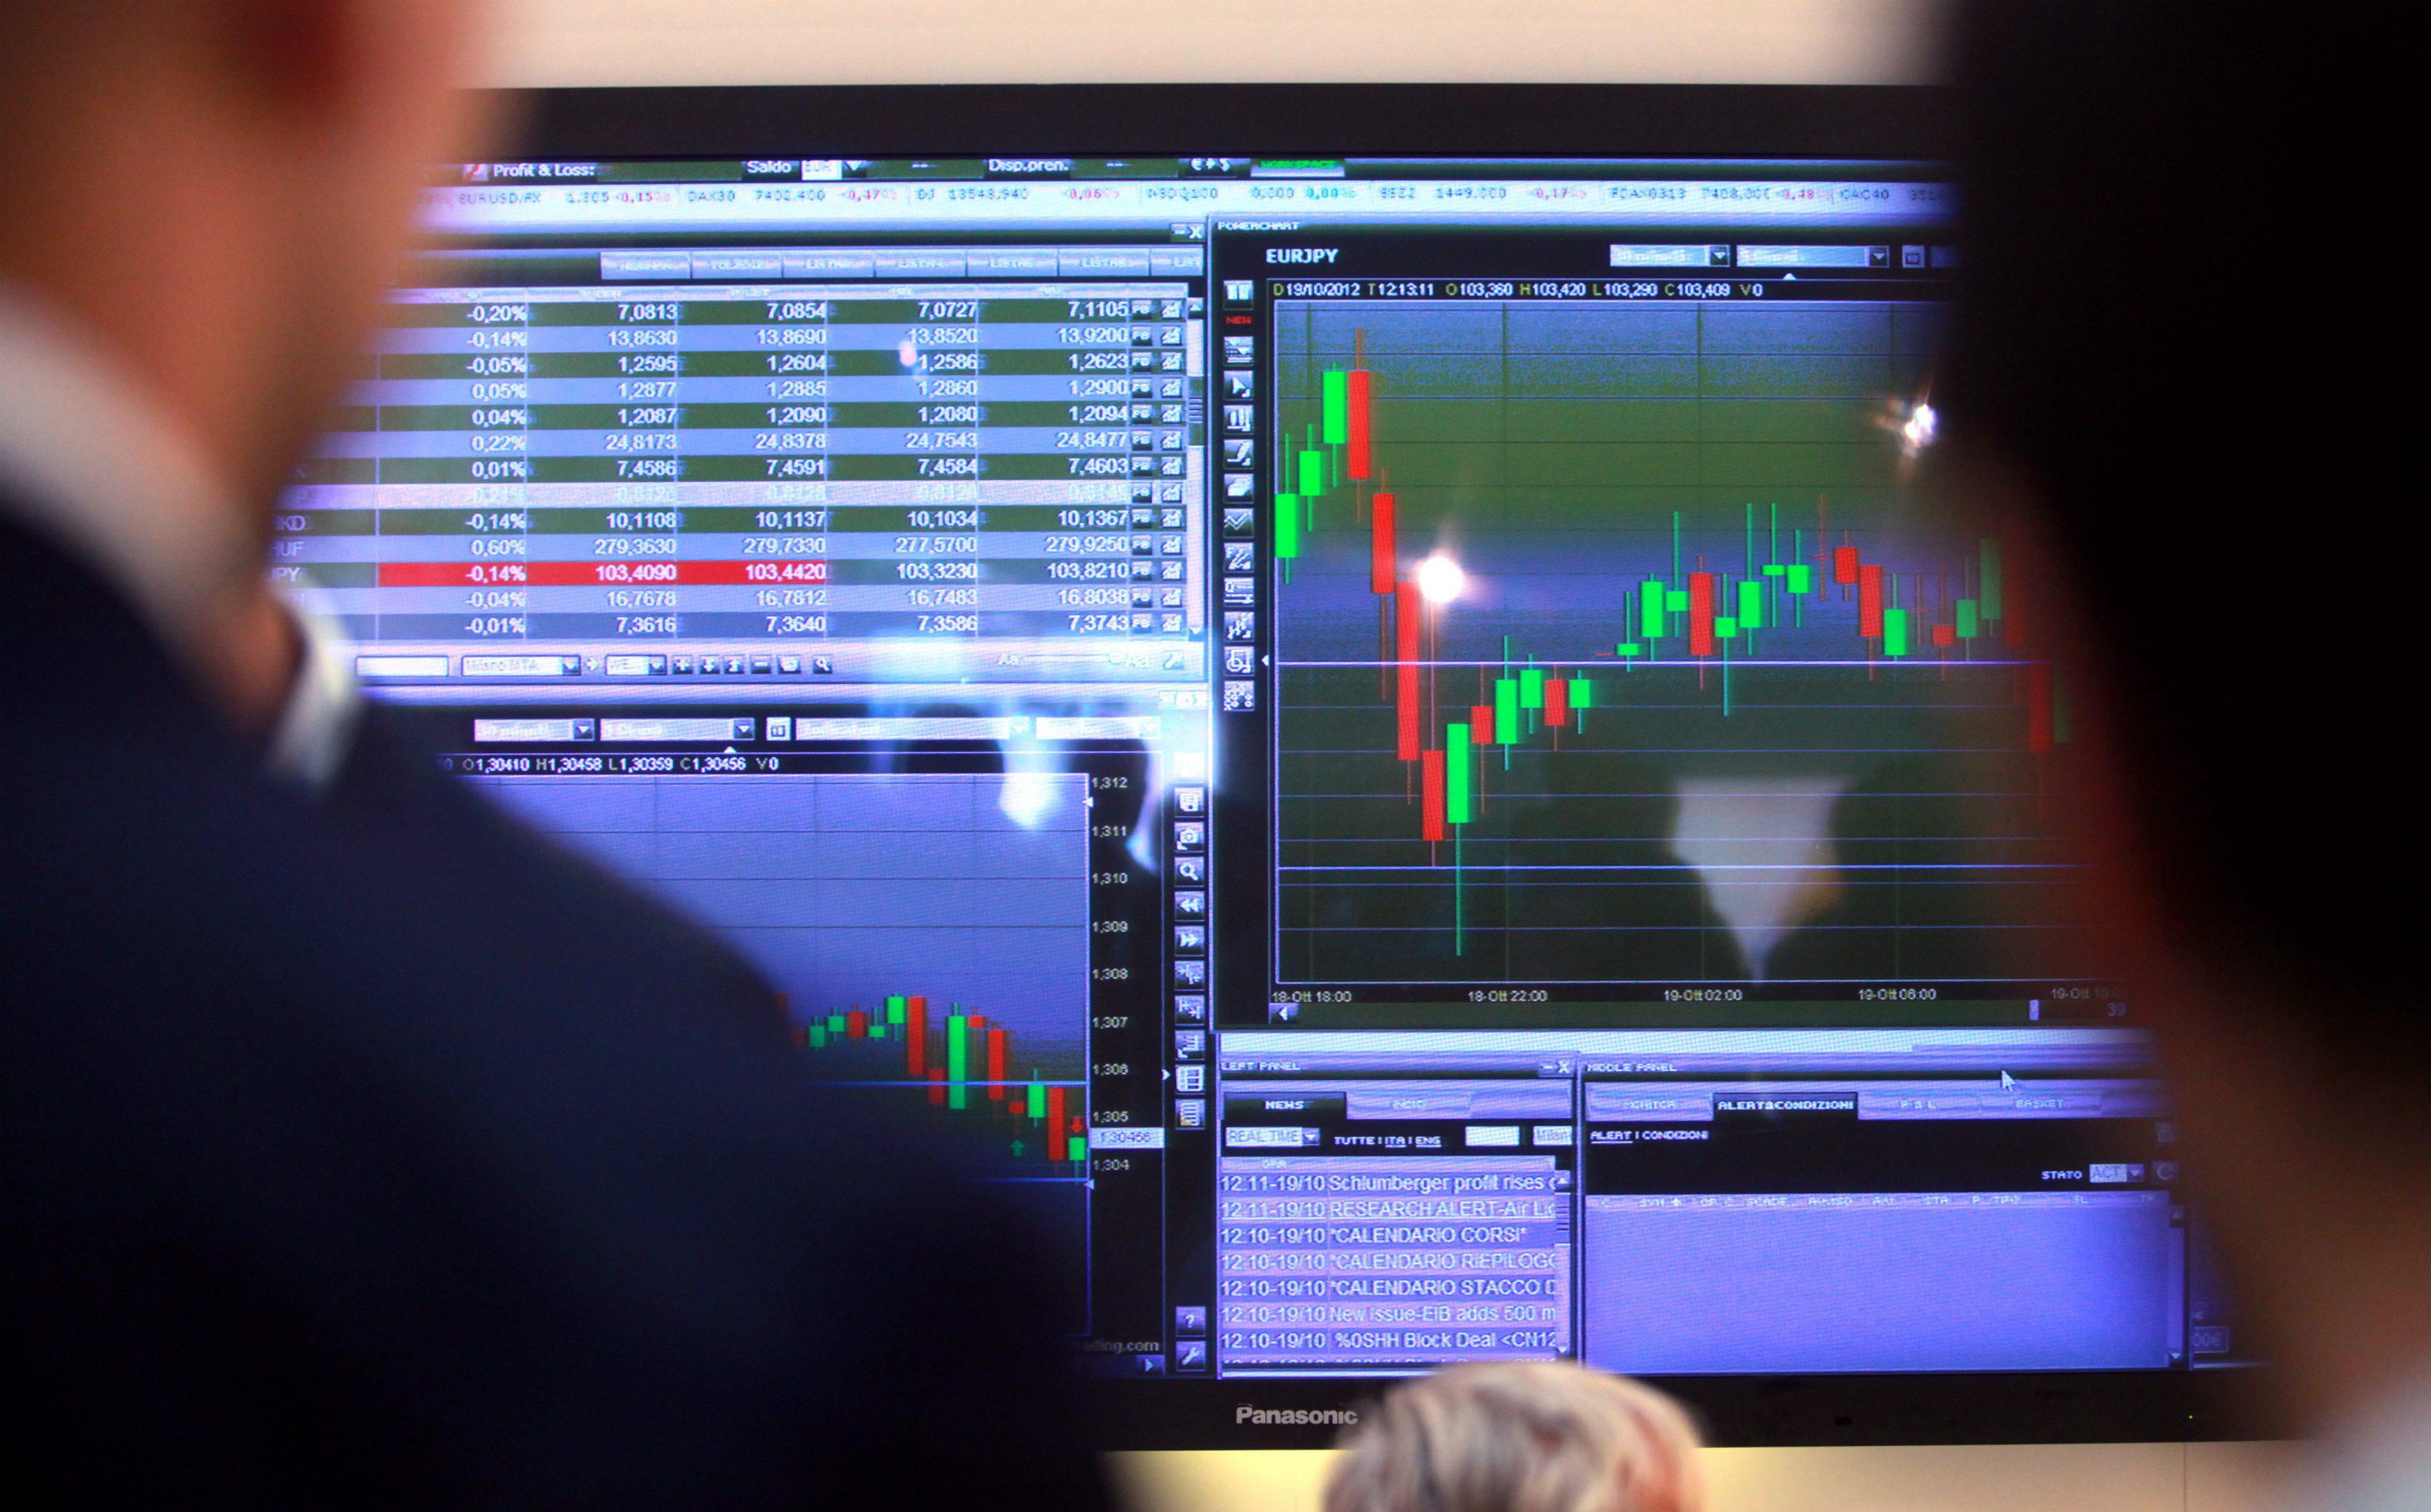 Bankitalia, in dodici mesi dimezzato il rendimento medio dei titoli di Stato